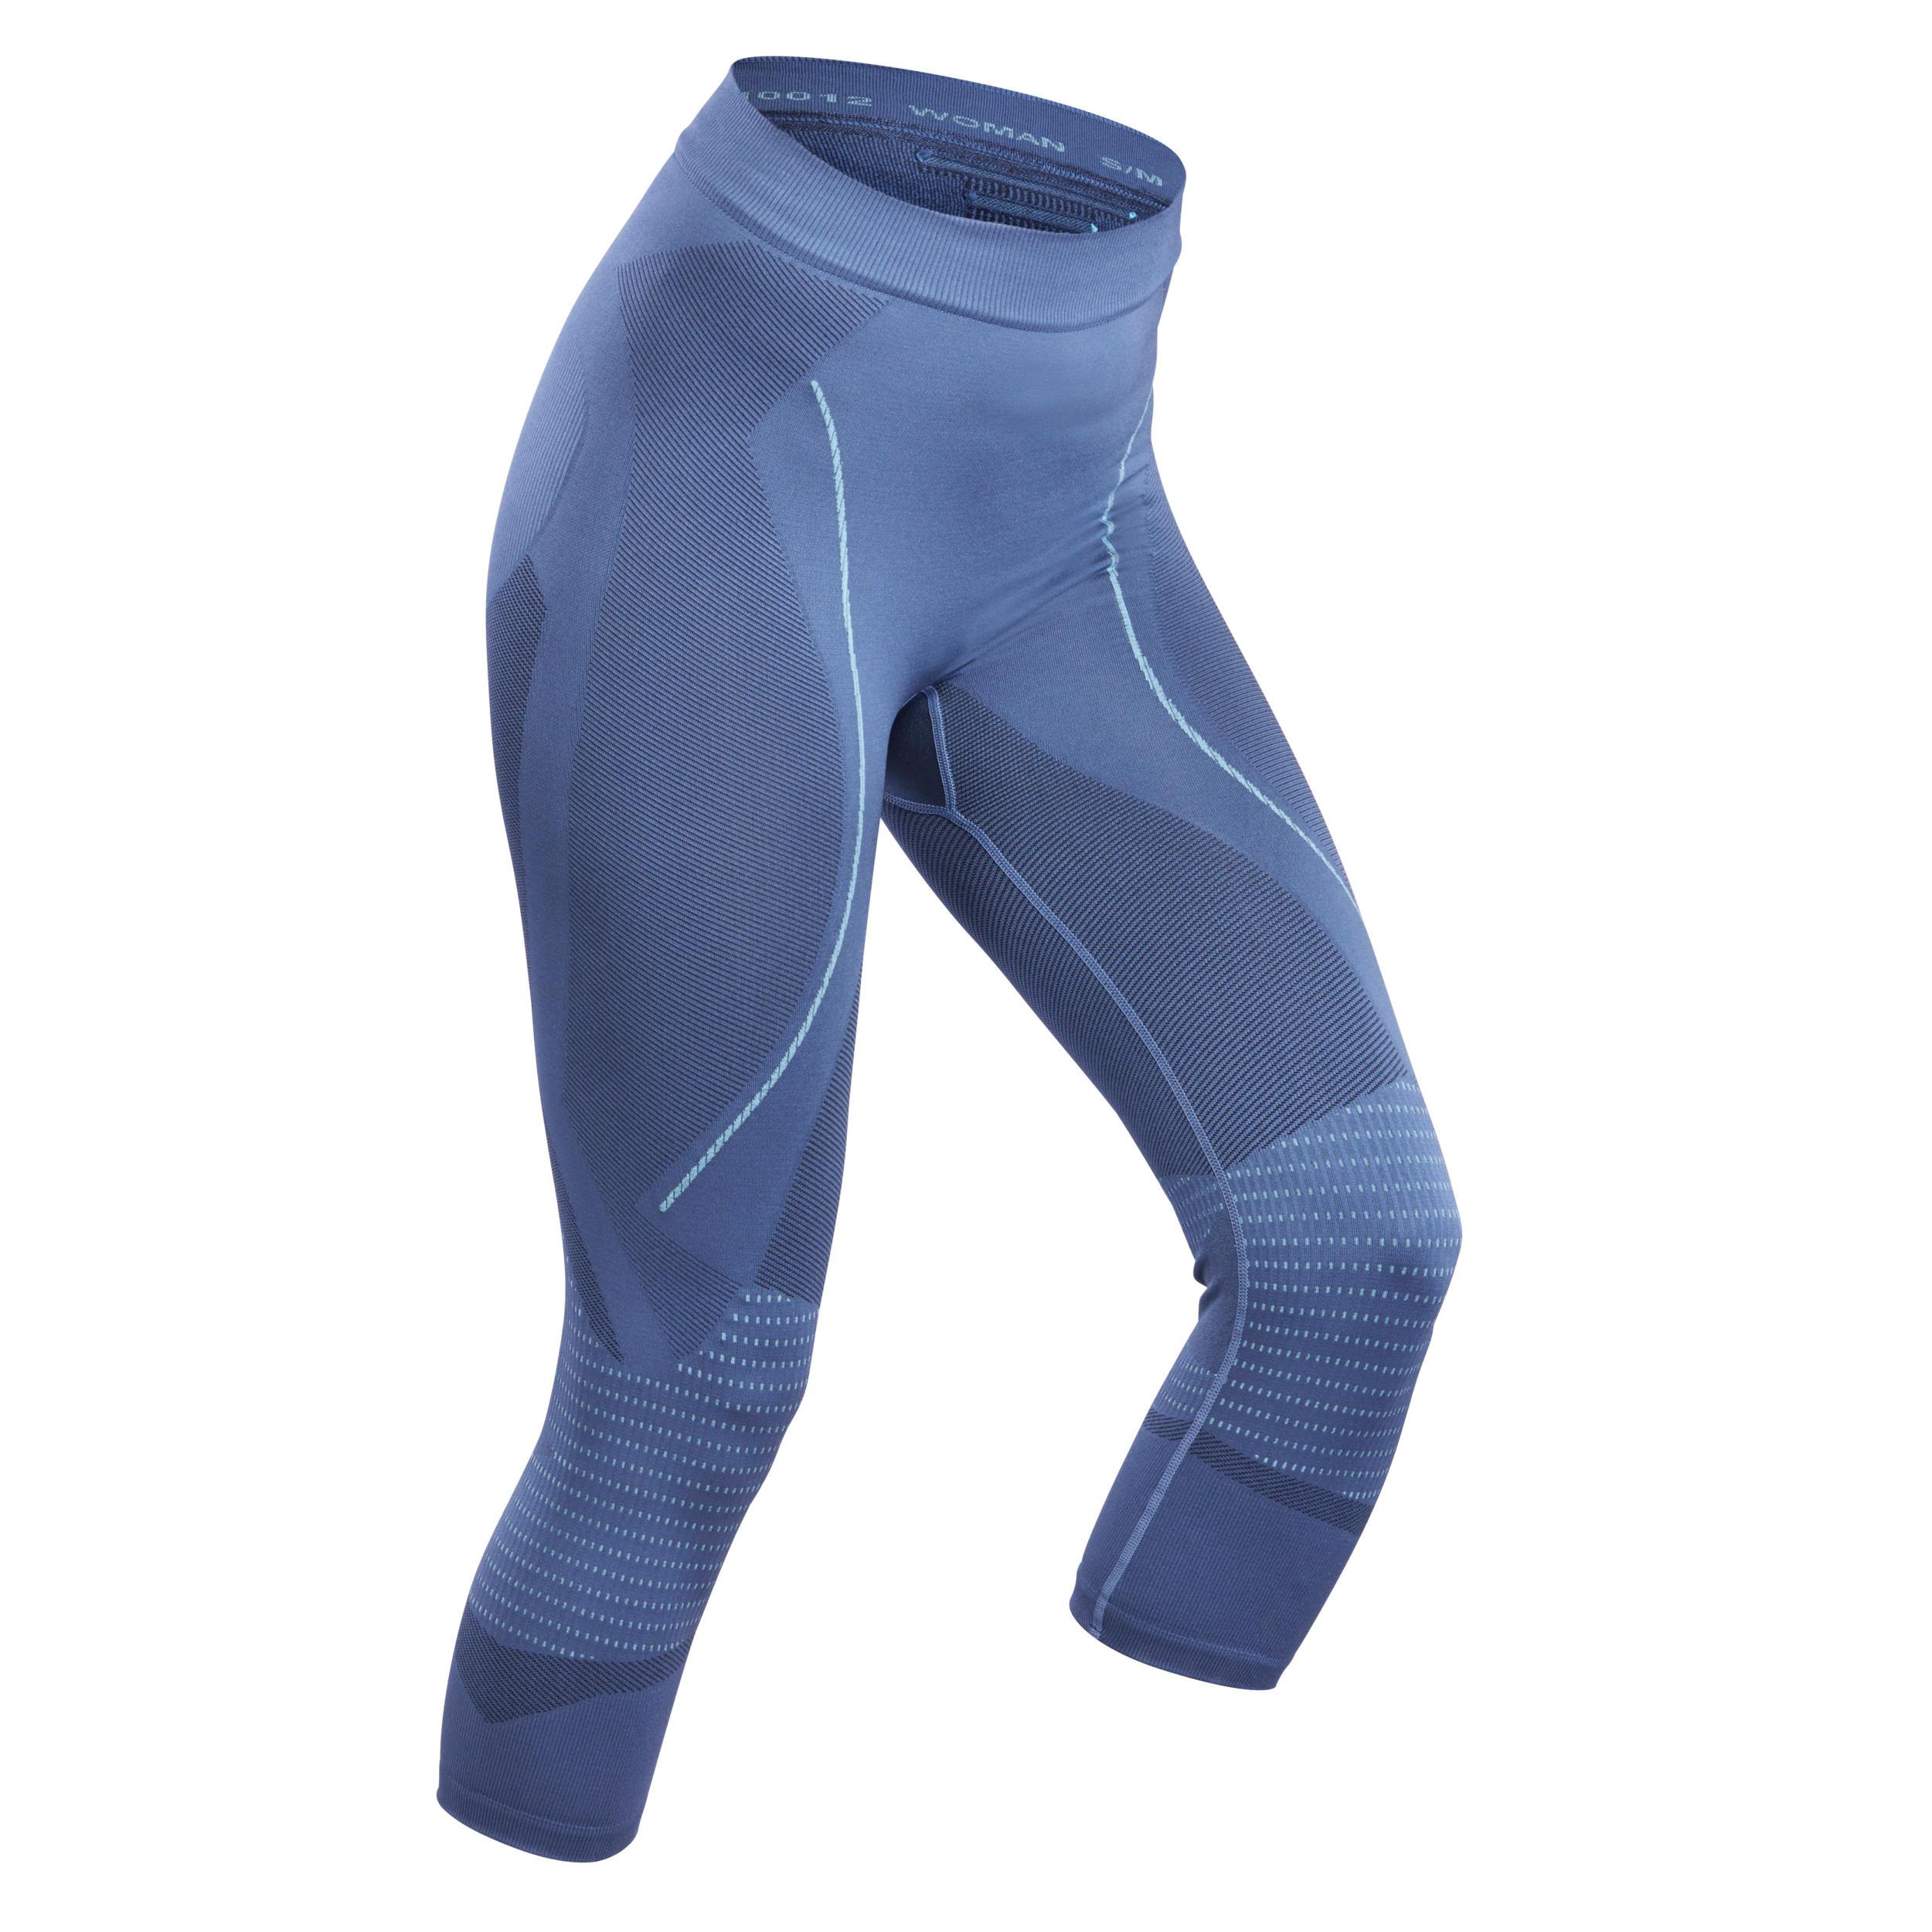 Skiunterhose Funktionshose 900 Damen | Sportbekleidung > Funktionswäsche > Thermounterwäsche | Wedze